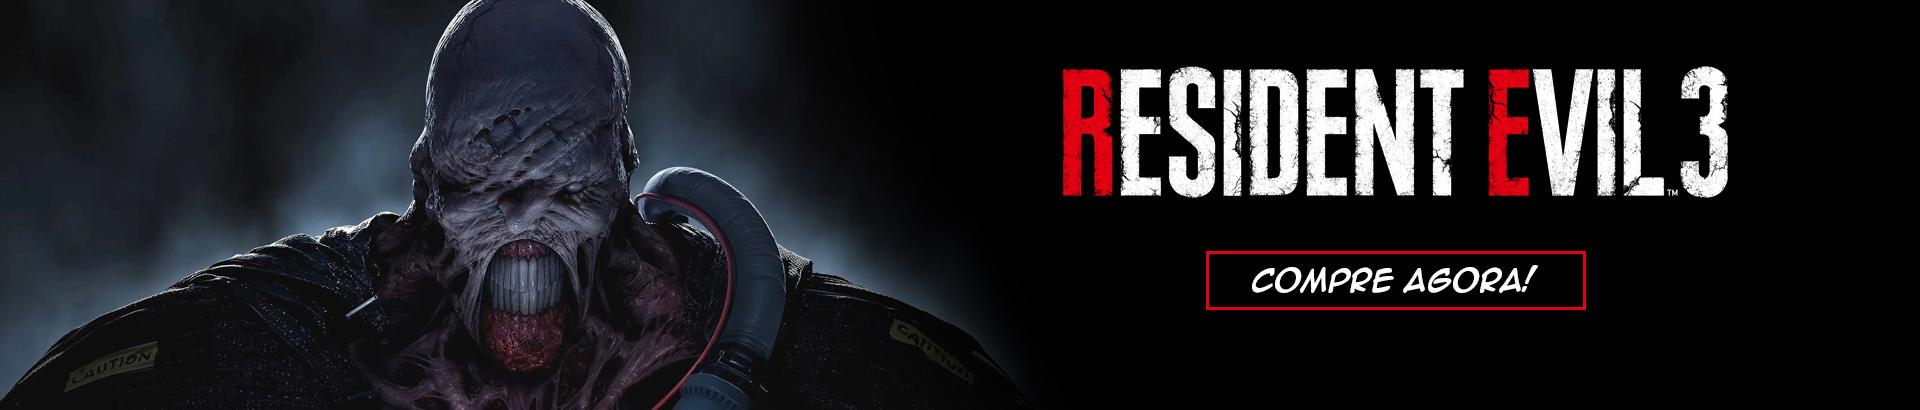 Jogo Resident Evil 3